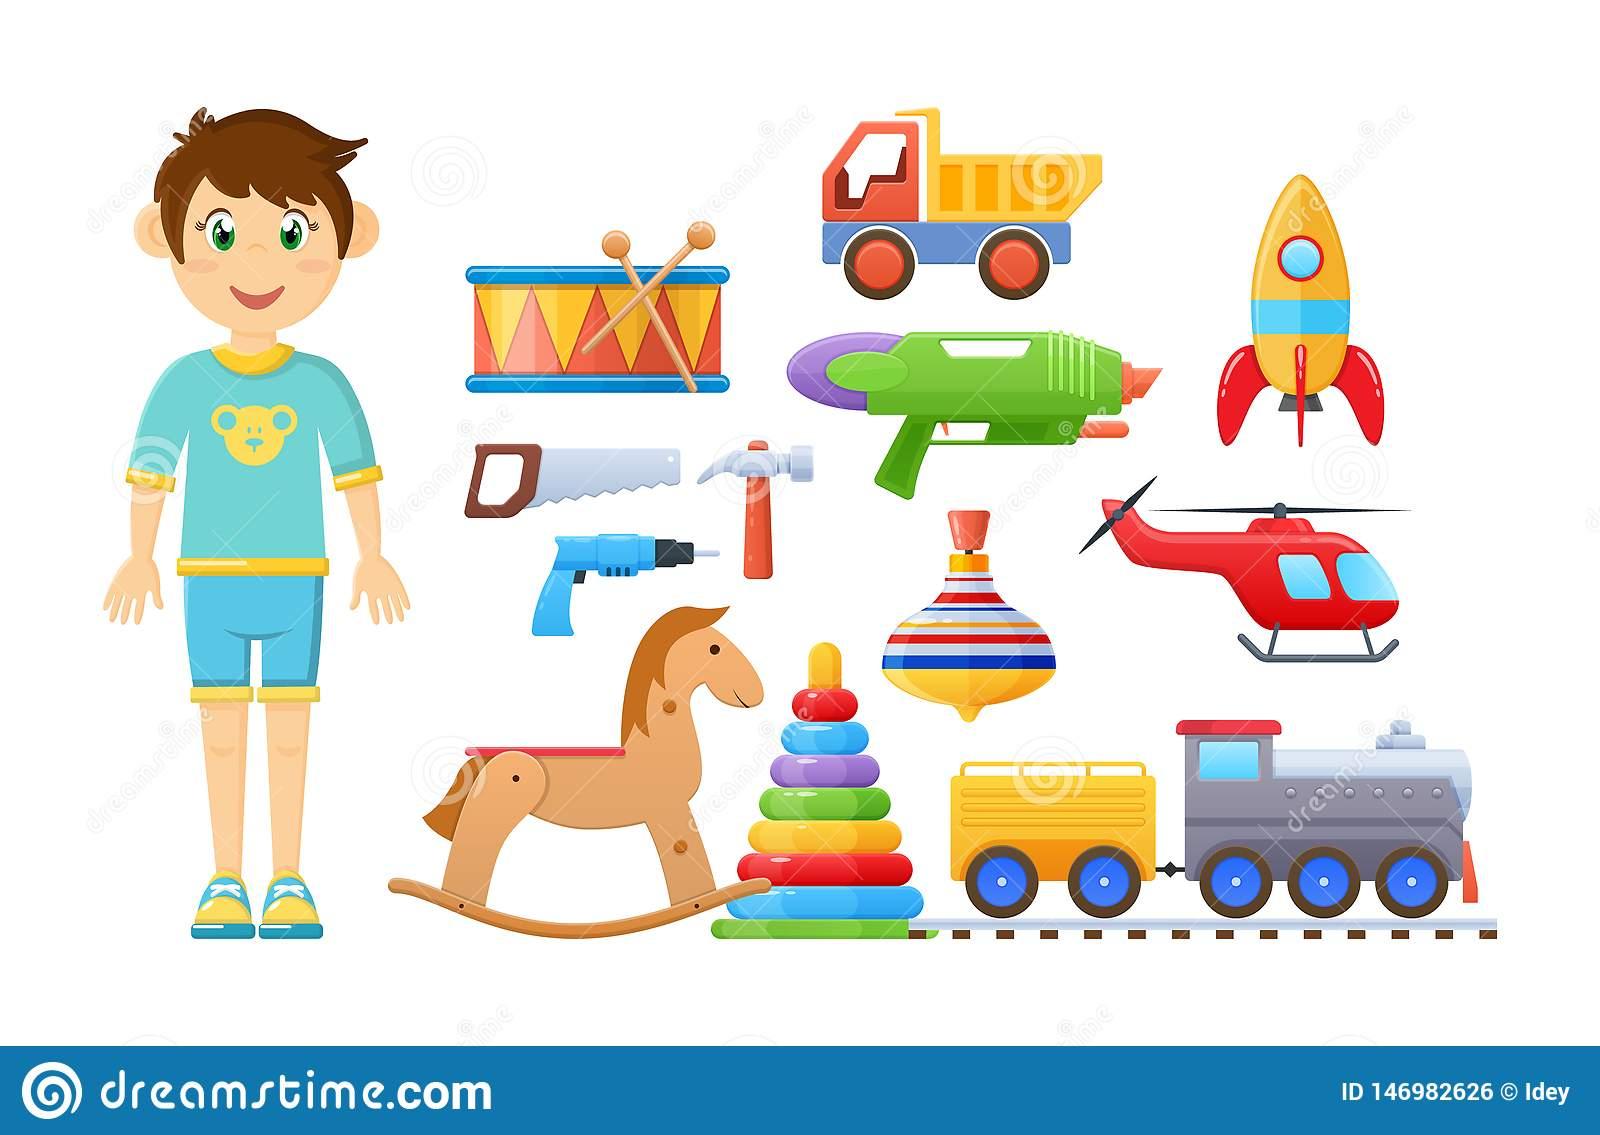 Placez Des Jouets Pour Enfants Pour Le Garçon Les Jeux De L intérieur Jeux Gratuit Pour Garçon